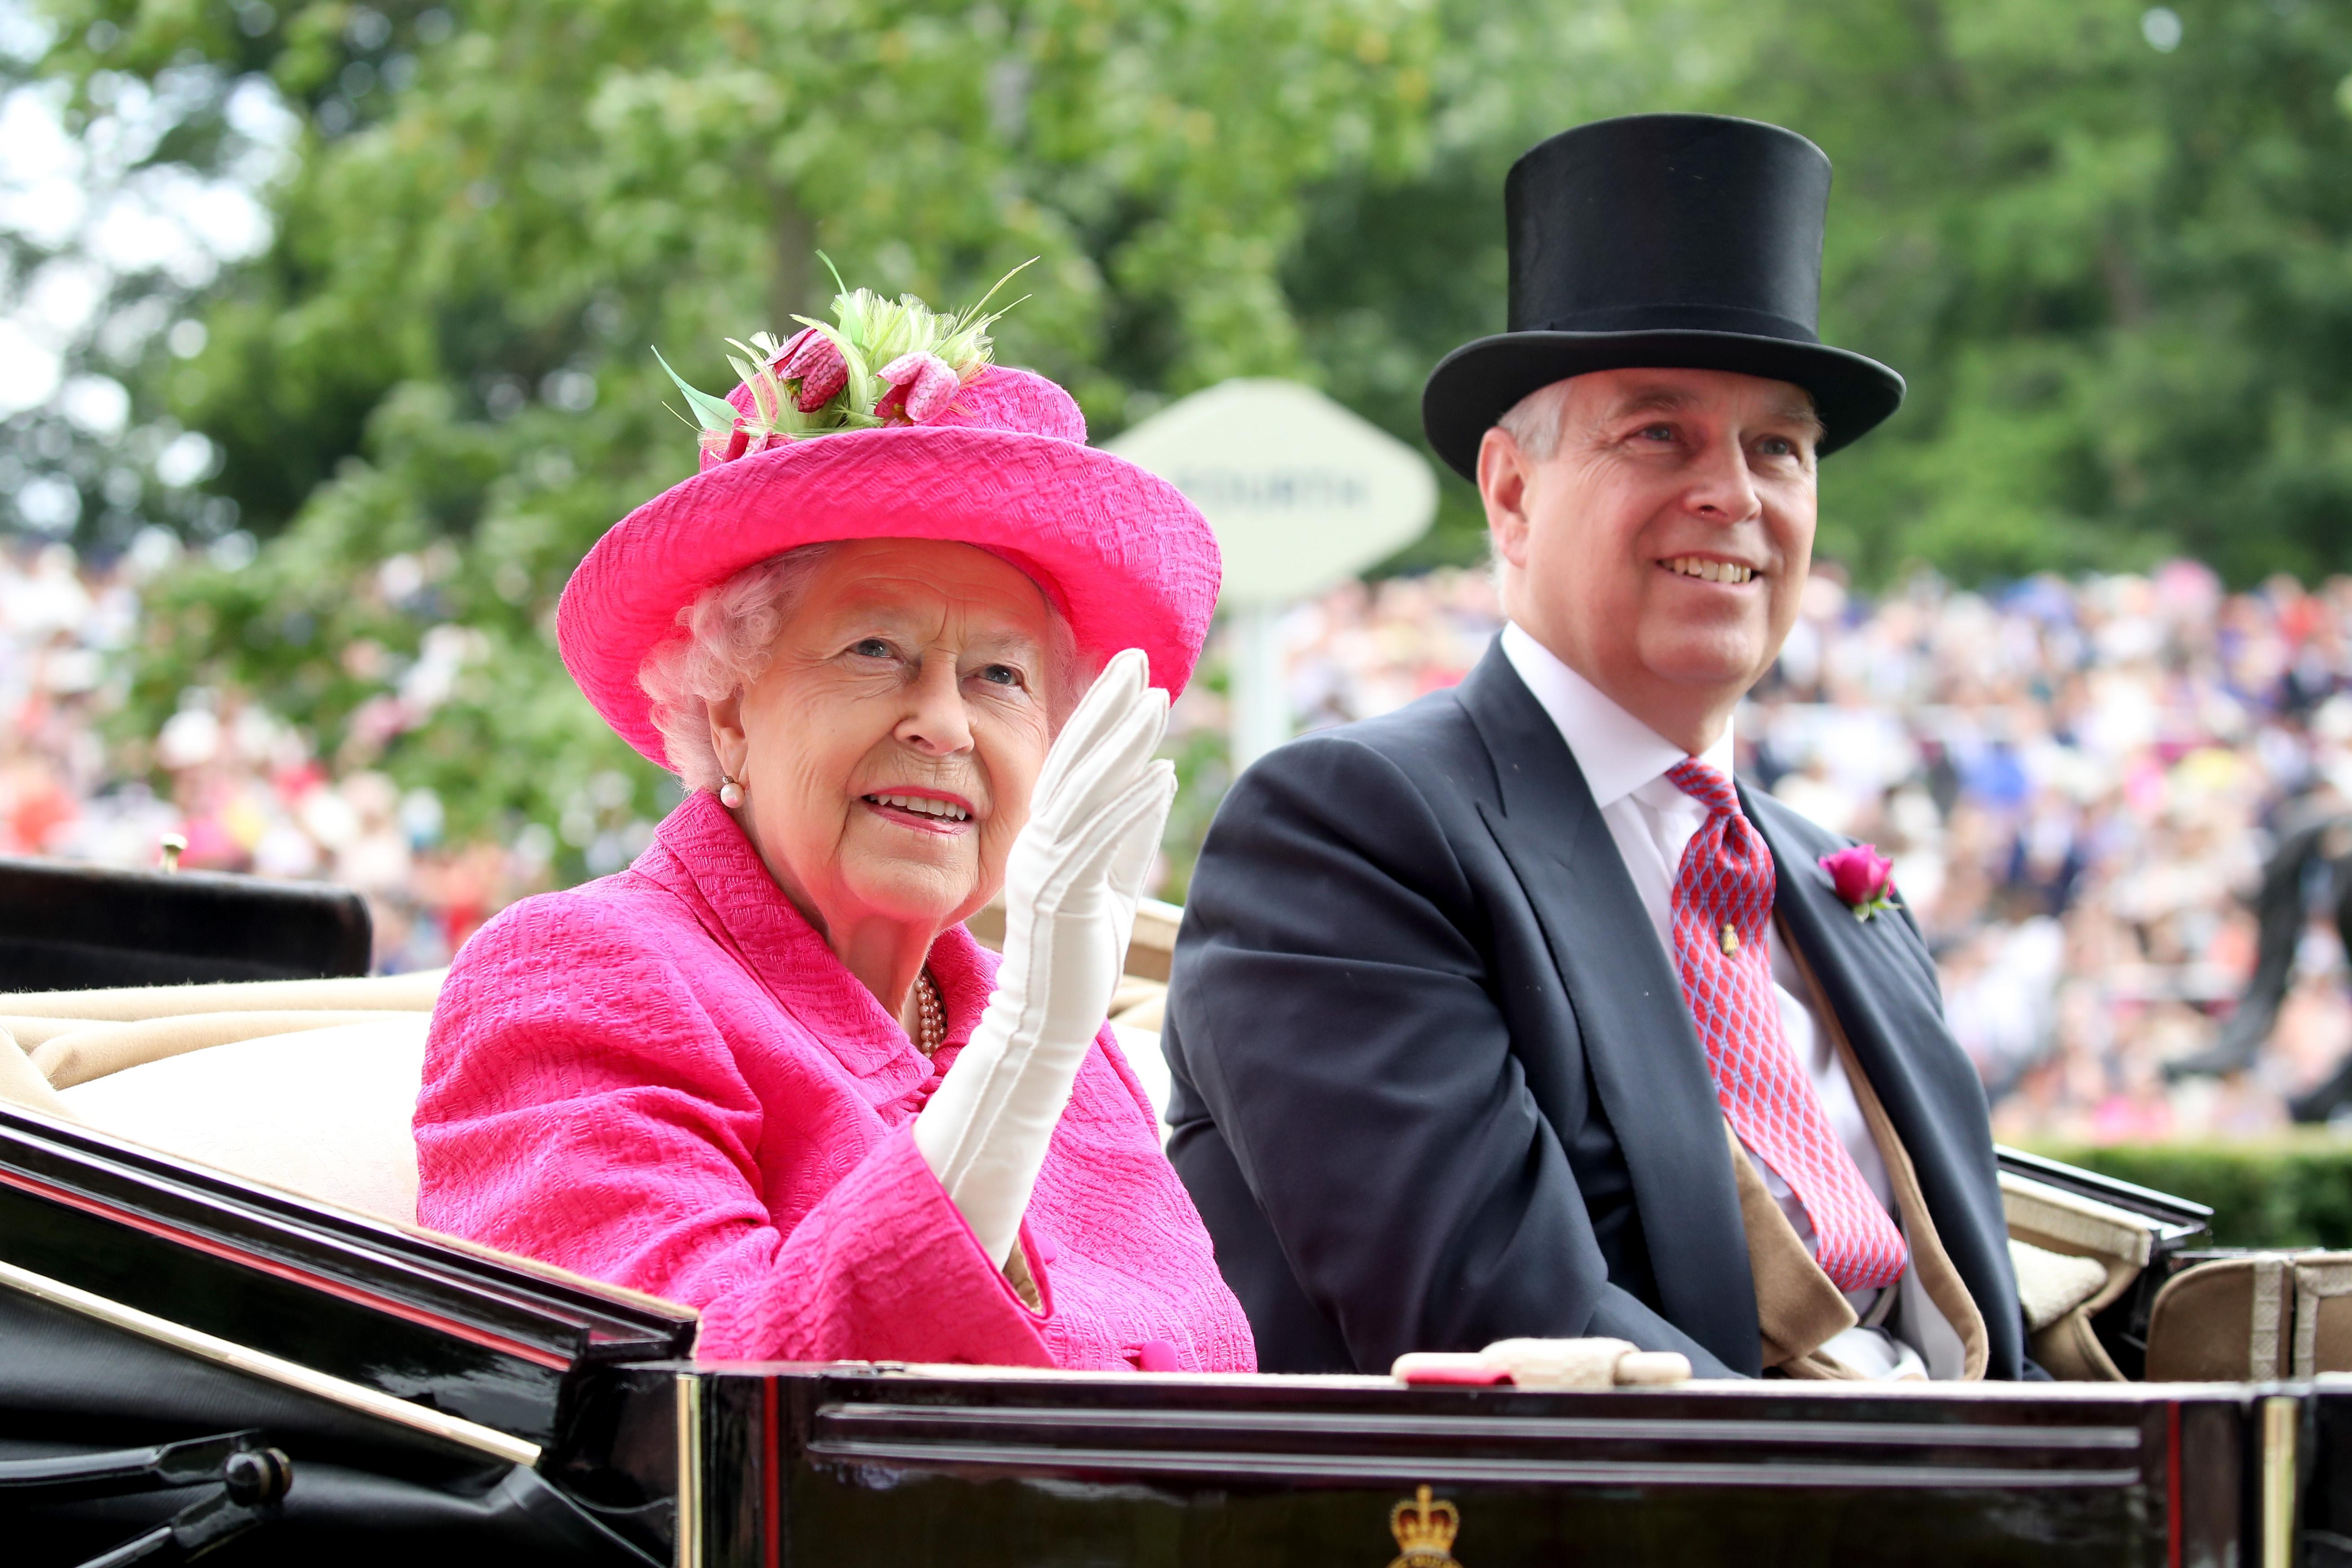 """Принц Андрю, трето дете и втори син на Кралица Елизабет II, публикува изявление, чрез което обявява решението си да прекрати изпълняването на официални задължения, свързани с титлата му. Всеобщото мнение е, че отказът на принц Андрю от официални ангажименти е на практика единственият възможен ход след интервюто му за BBC /17-ти ноември/, еднозначно прието от социума като отвратителен опит да се """"оправдае"""". Много зрители са извънредно възмутени от това, както и от факта, че по време на разговора си с журналистката Емили Мейтлис, Негово Височество дори не се опитва да имитира съчувствие към жертвите на престъпленията на Епщайн. Медийни експерти определиха интервюто веднага след излъчването му като """"катастрофа""""."""